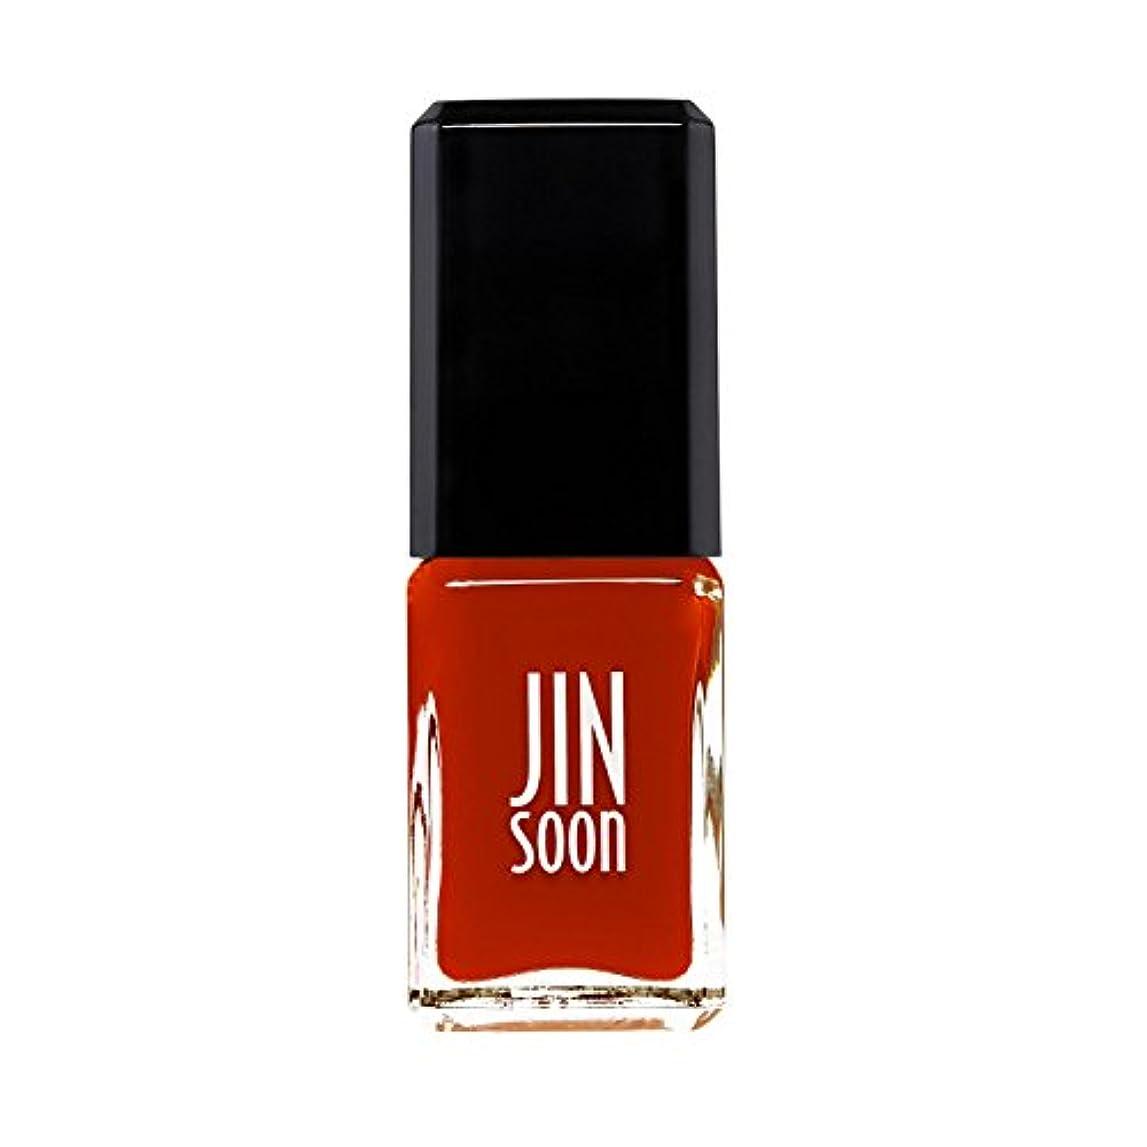 思いやり名詞セラー[ジンスーン] [ jinsoon] クラッシュ(シアーオレンジ) CRUSH ジンスーン 5フリー ネイル ポリッシュ ネイルカラー系統:オレンジ 11mL